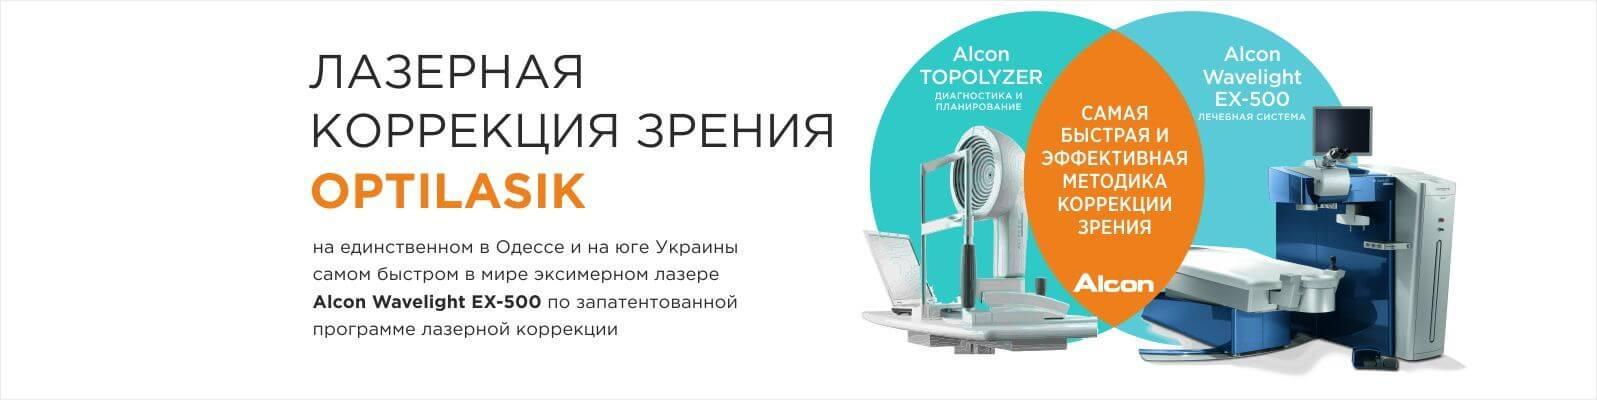 лазерная коррекция зрения на приборе optilasik - Тарус